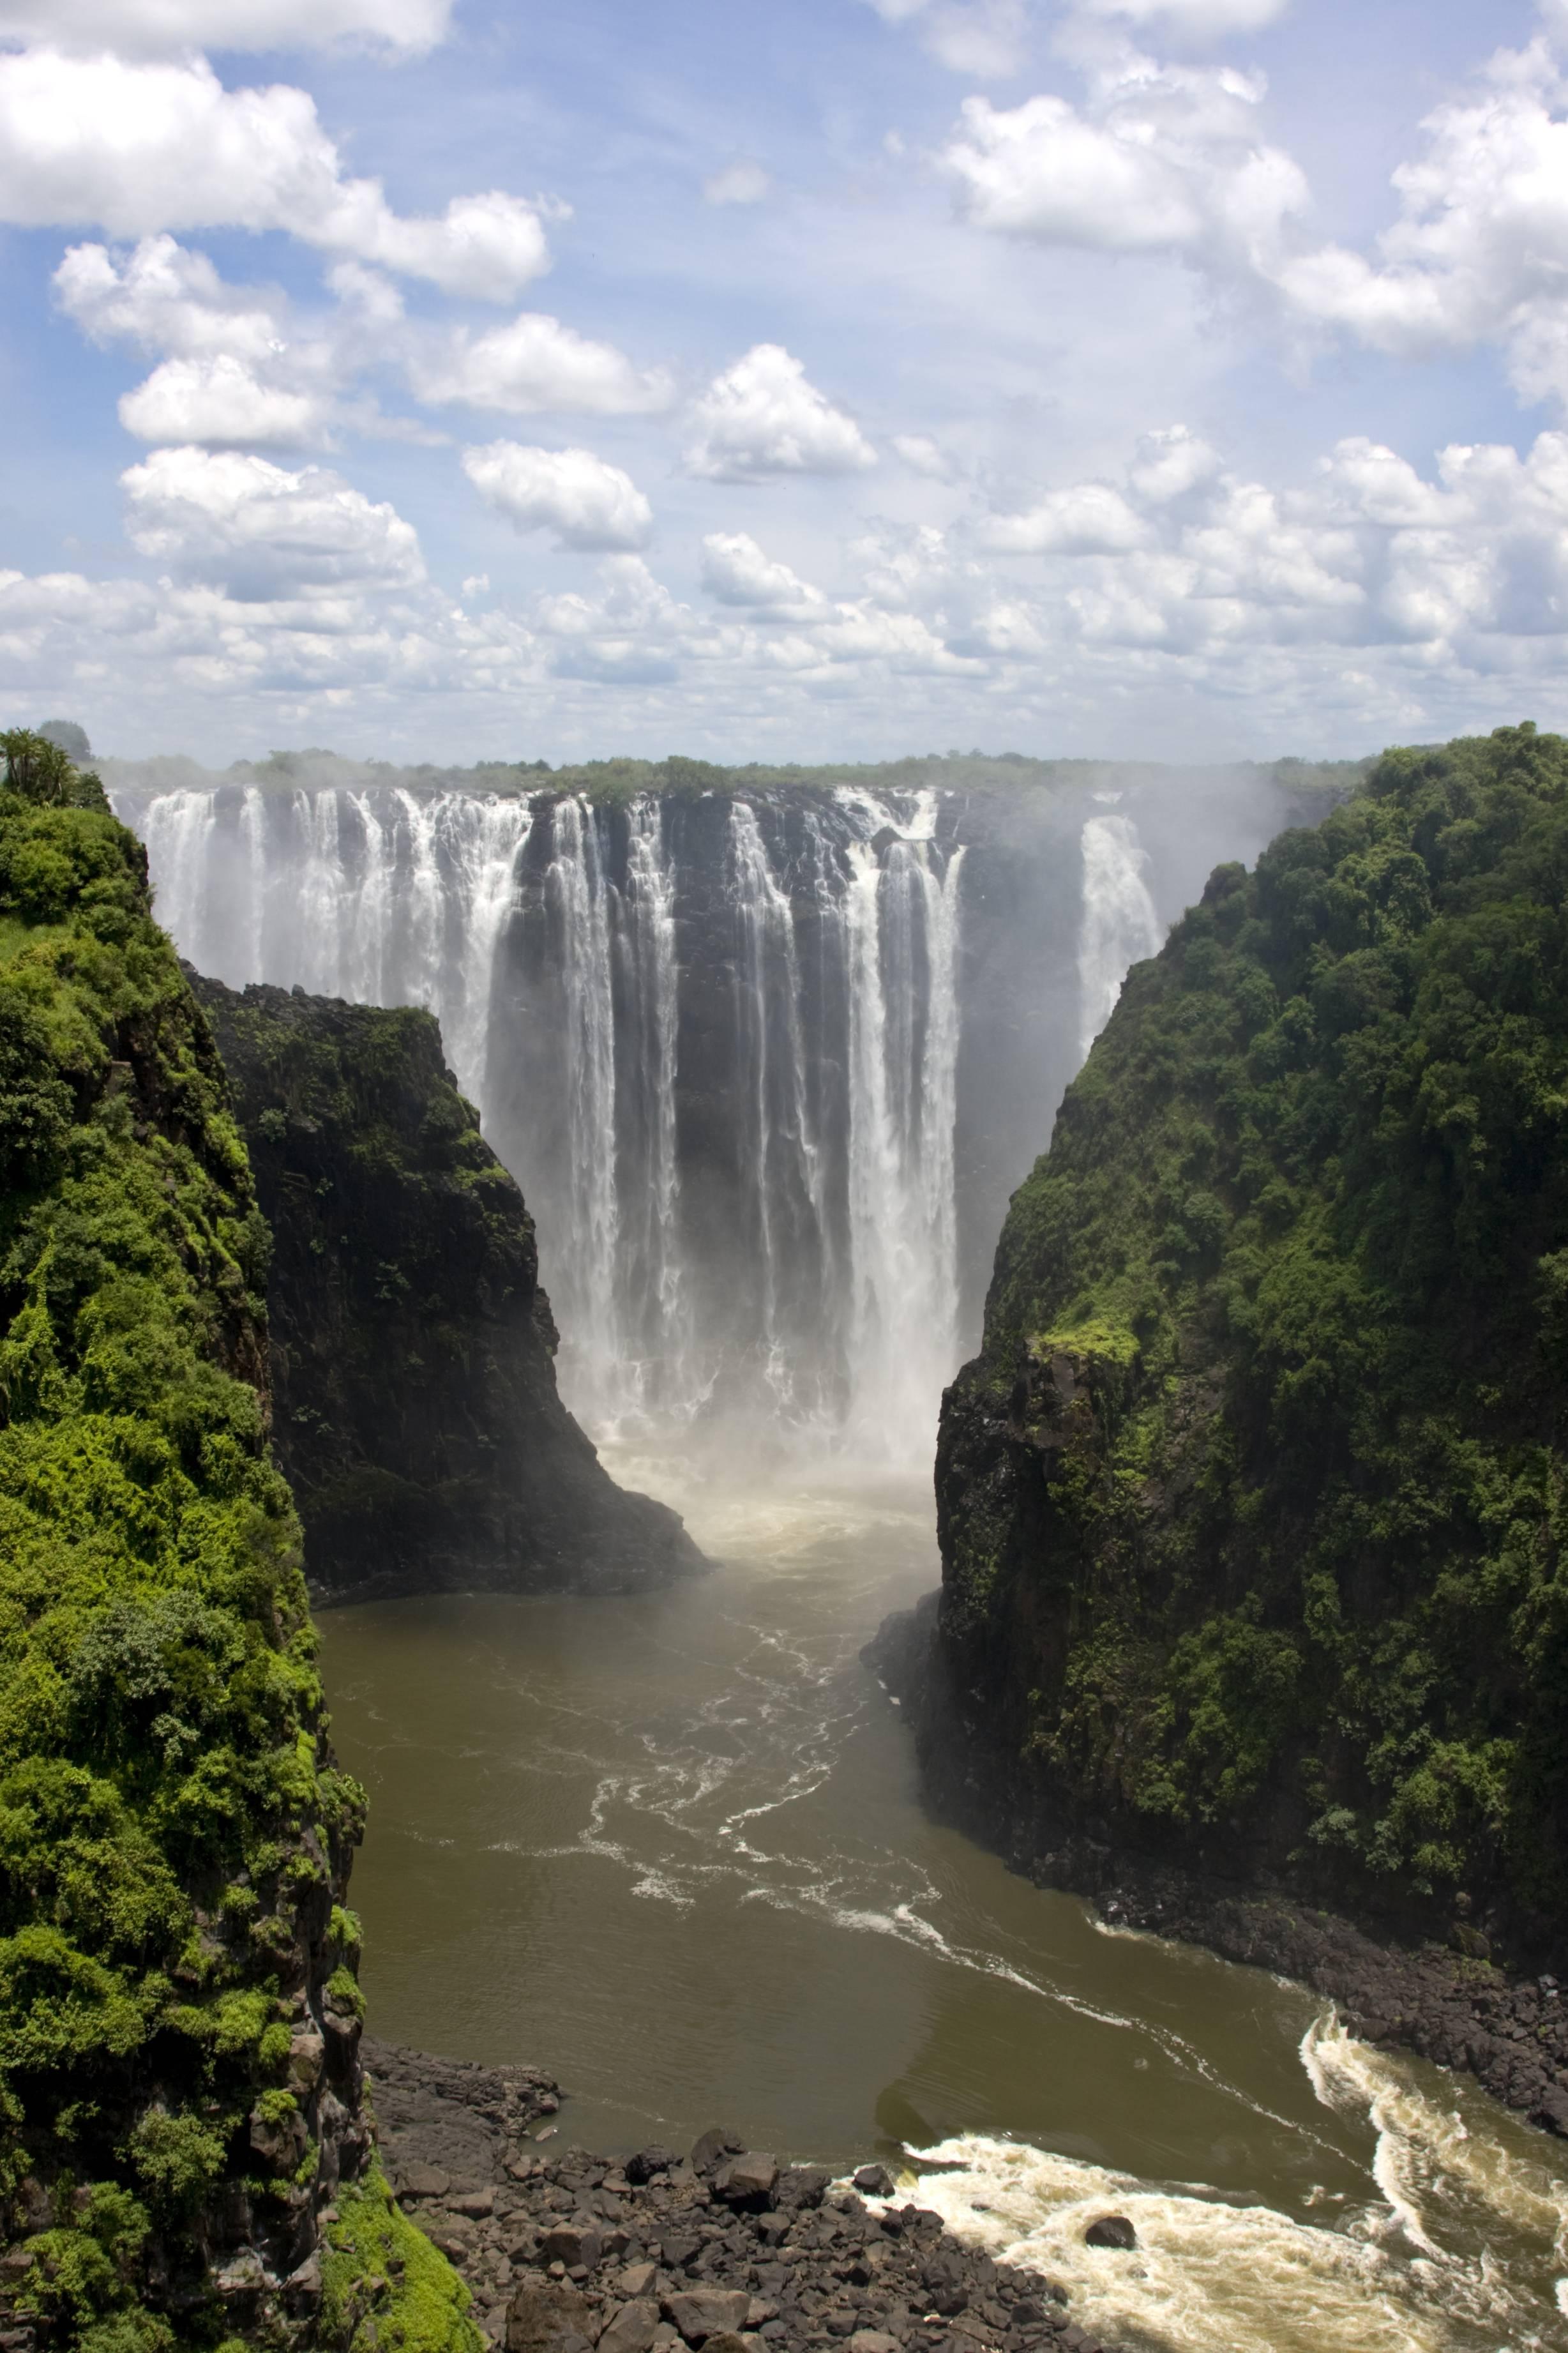 Victoria Falls HD Wallpapers Amazing Top Wallpaper Nature 86030 high 2456x3685